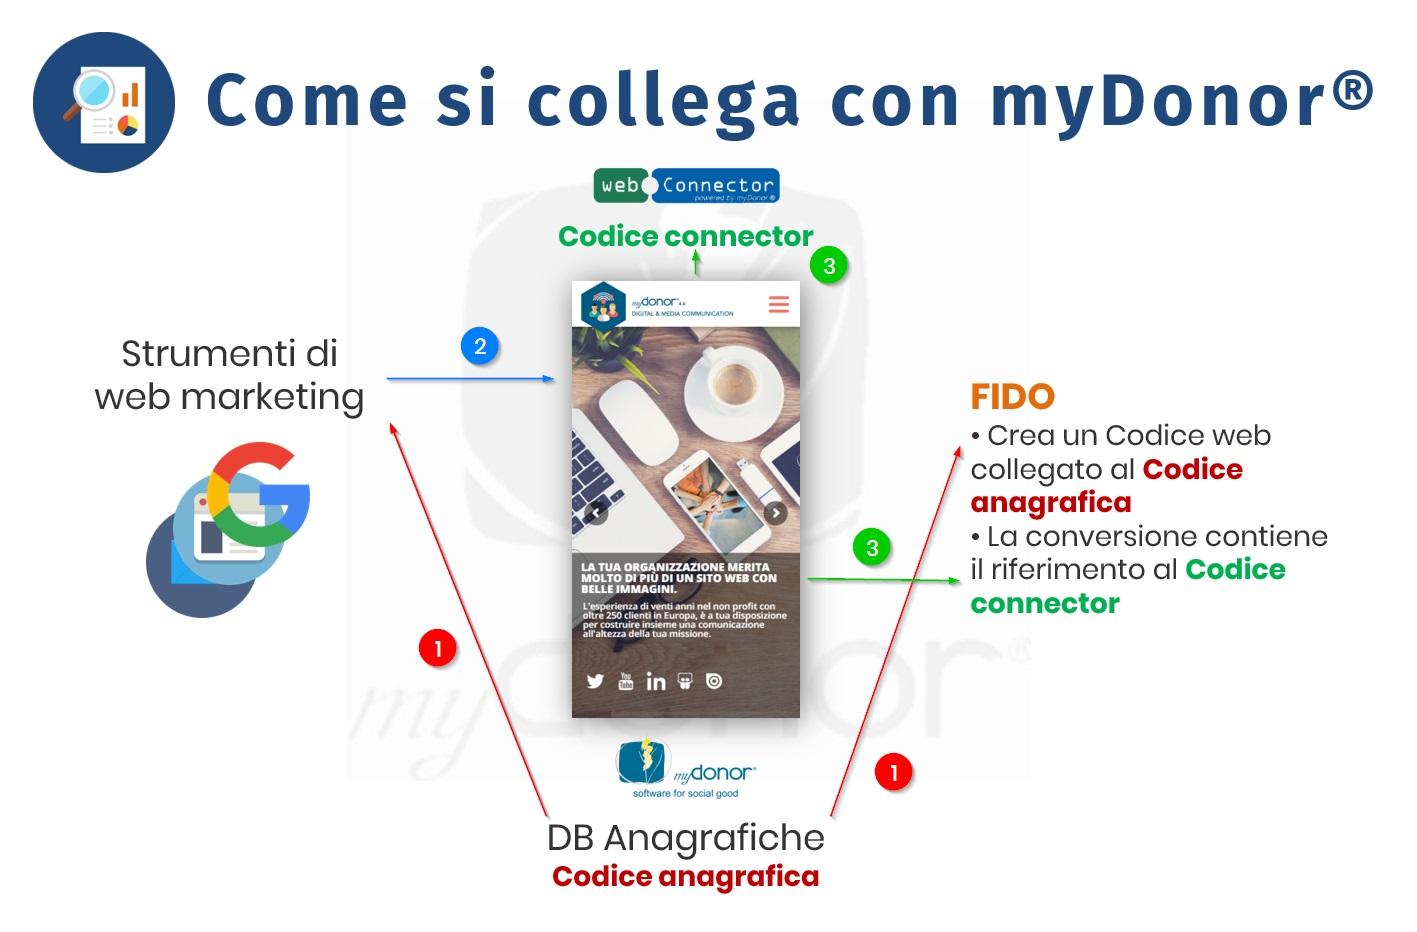 FIDO – SISTEMA DI TRACCIAMENTO PERFORMANCE , STATISTICHE PAGINE WEB E LANDING UX